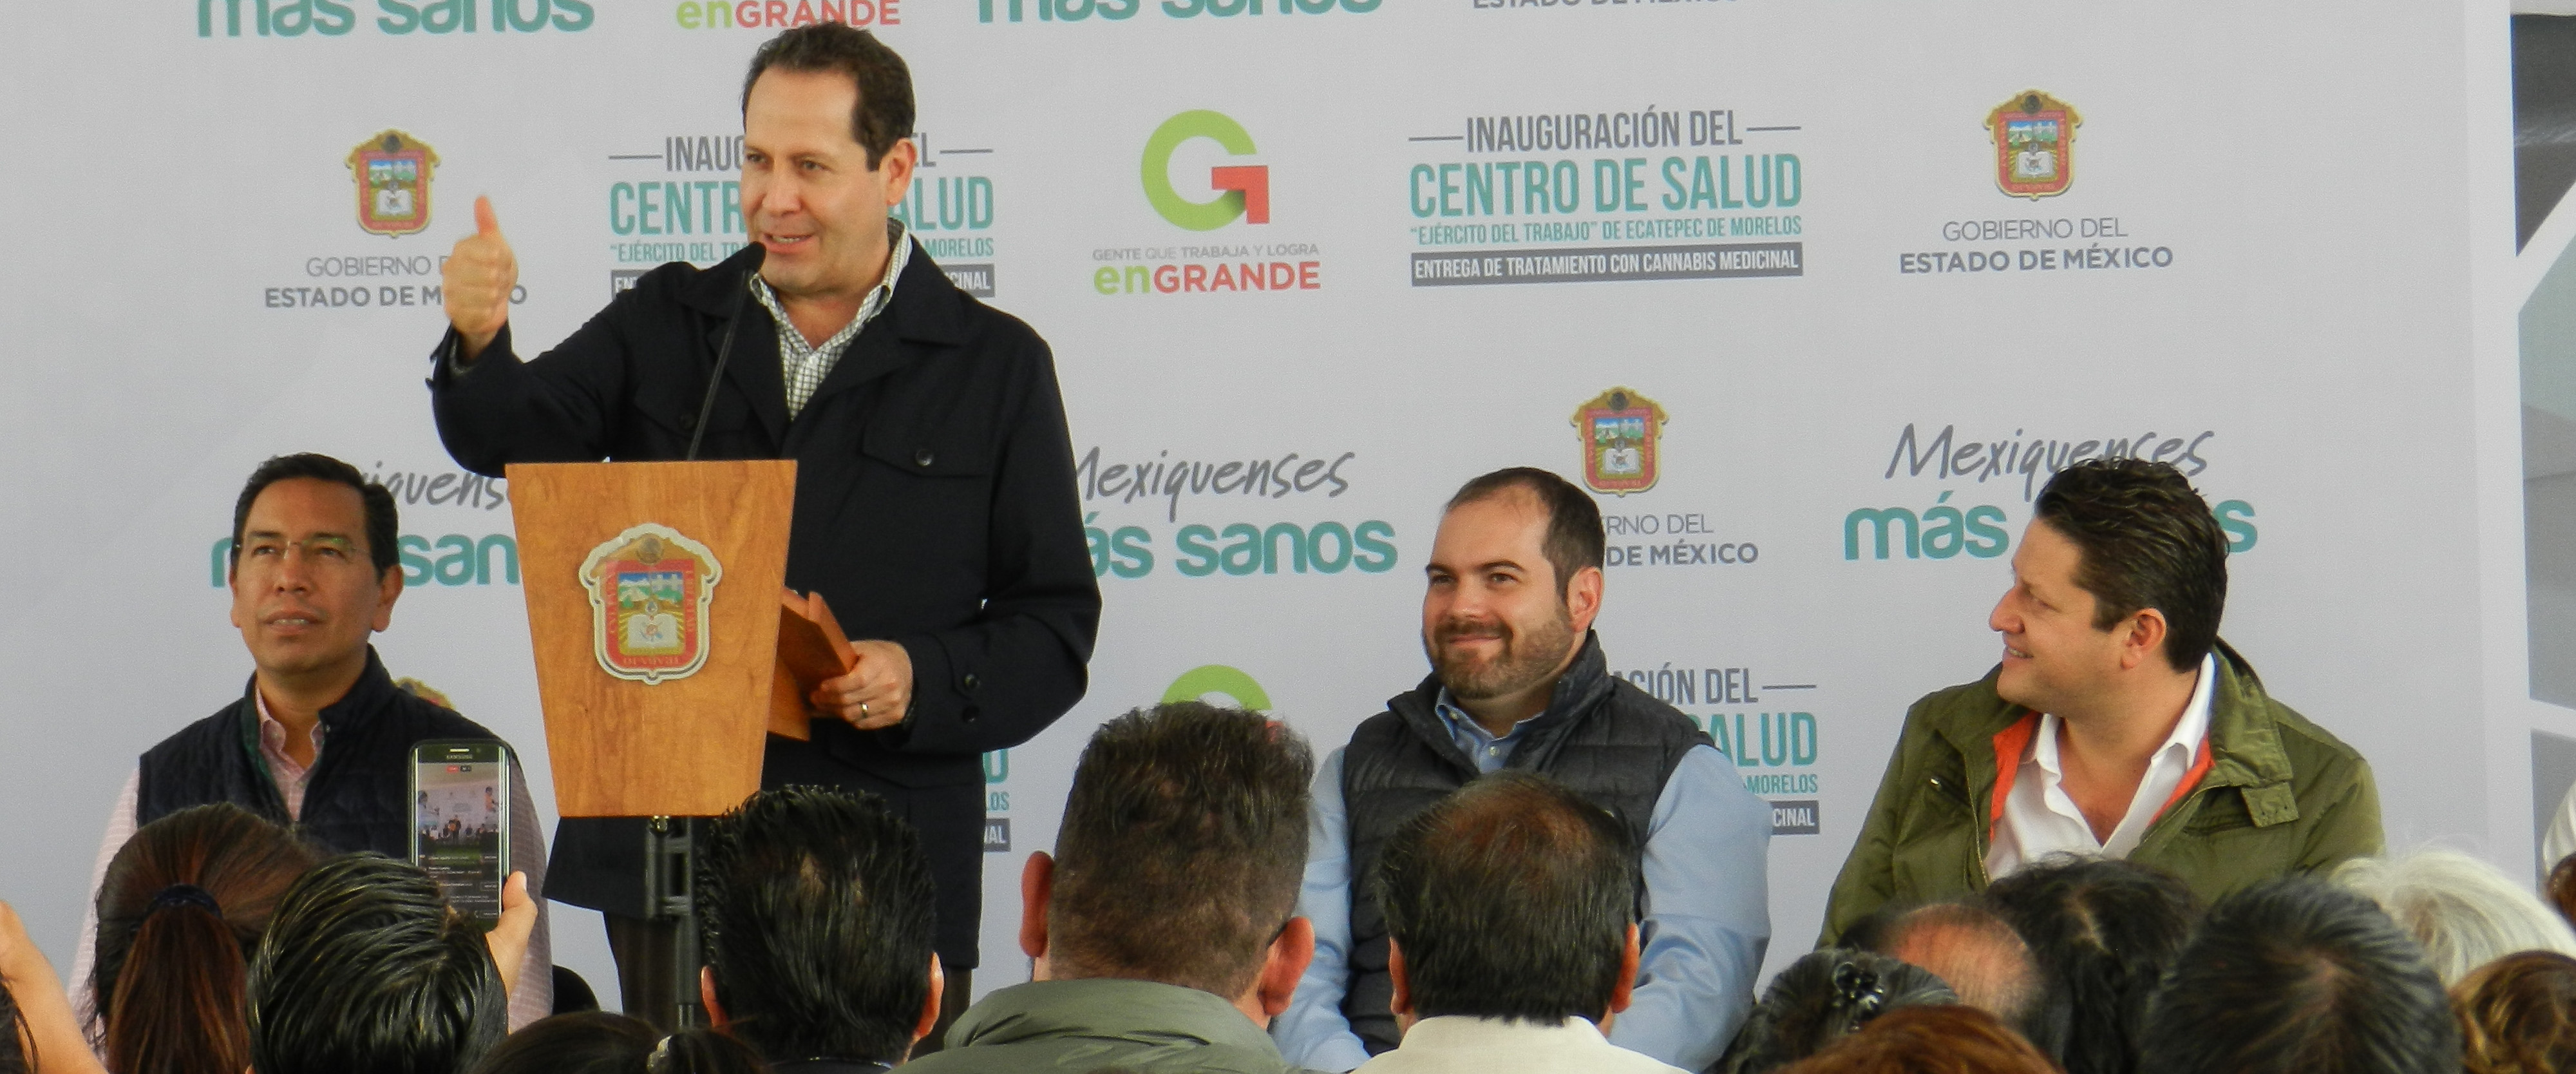 Raul HempMeds Mexico Subsidy CBD Oil Legal